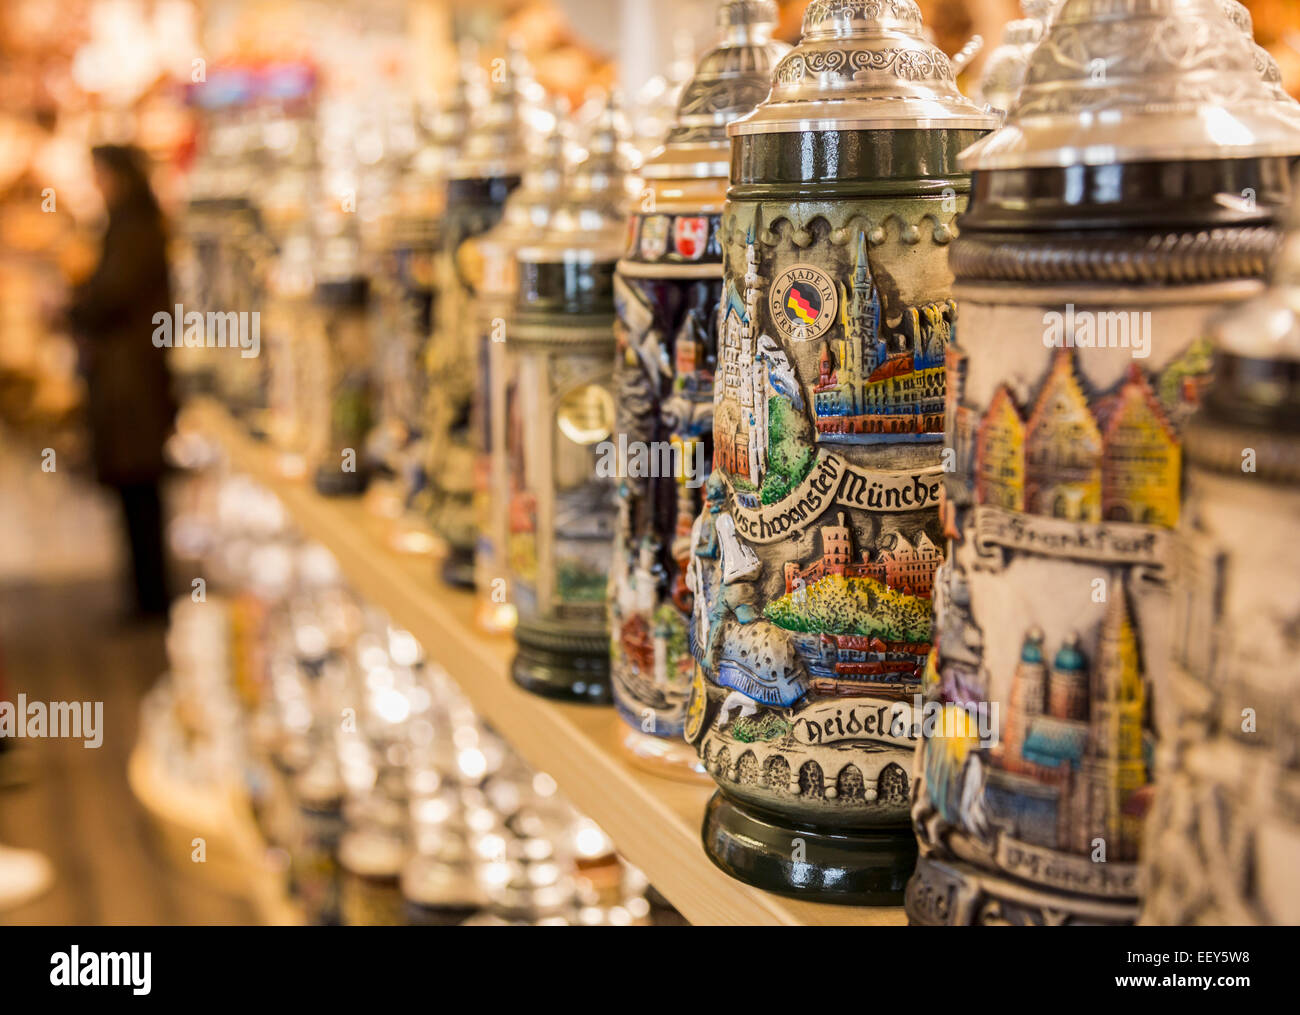 Reihe von deutschen Bierkrug oder Humpen auf einem Regal in einem Geschäft in Regensburg, Bayern, Deutschland Stockbild